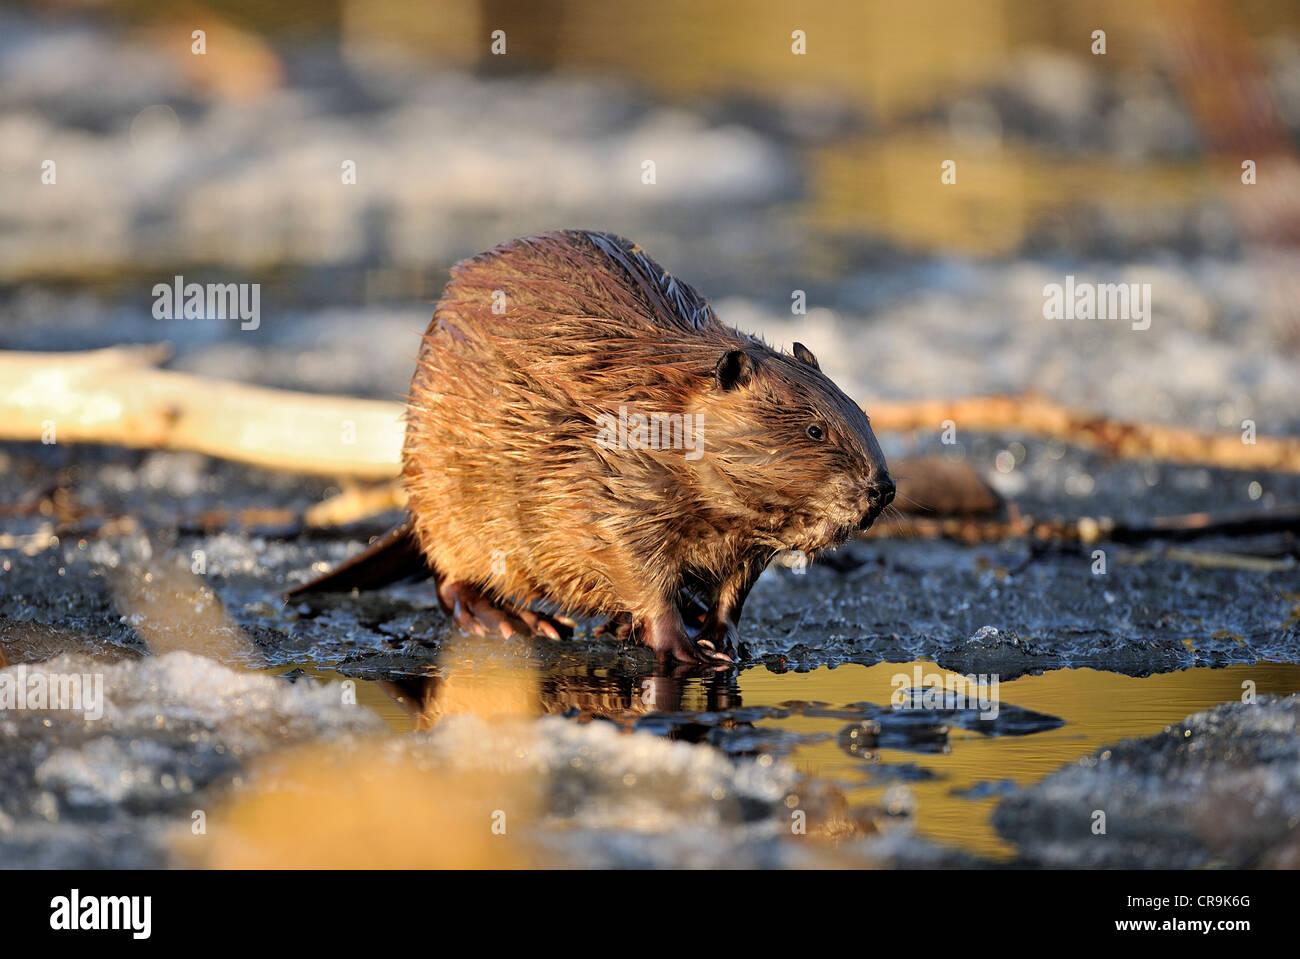 Un castoro camminare veloce sul ghiaccio in fusione nel suo beaver pond al tramonto. Immagini Stock